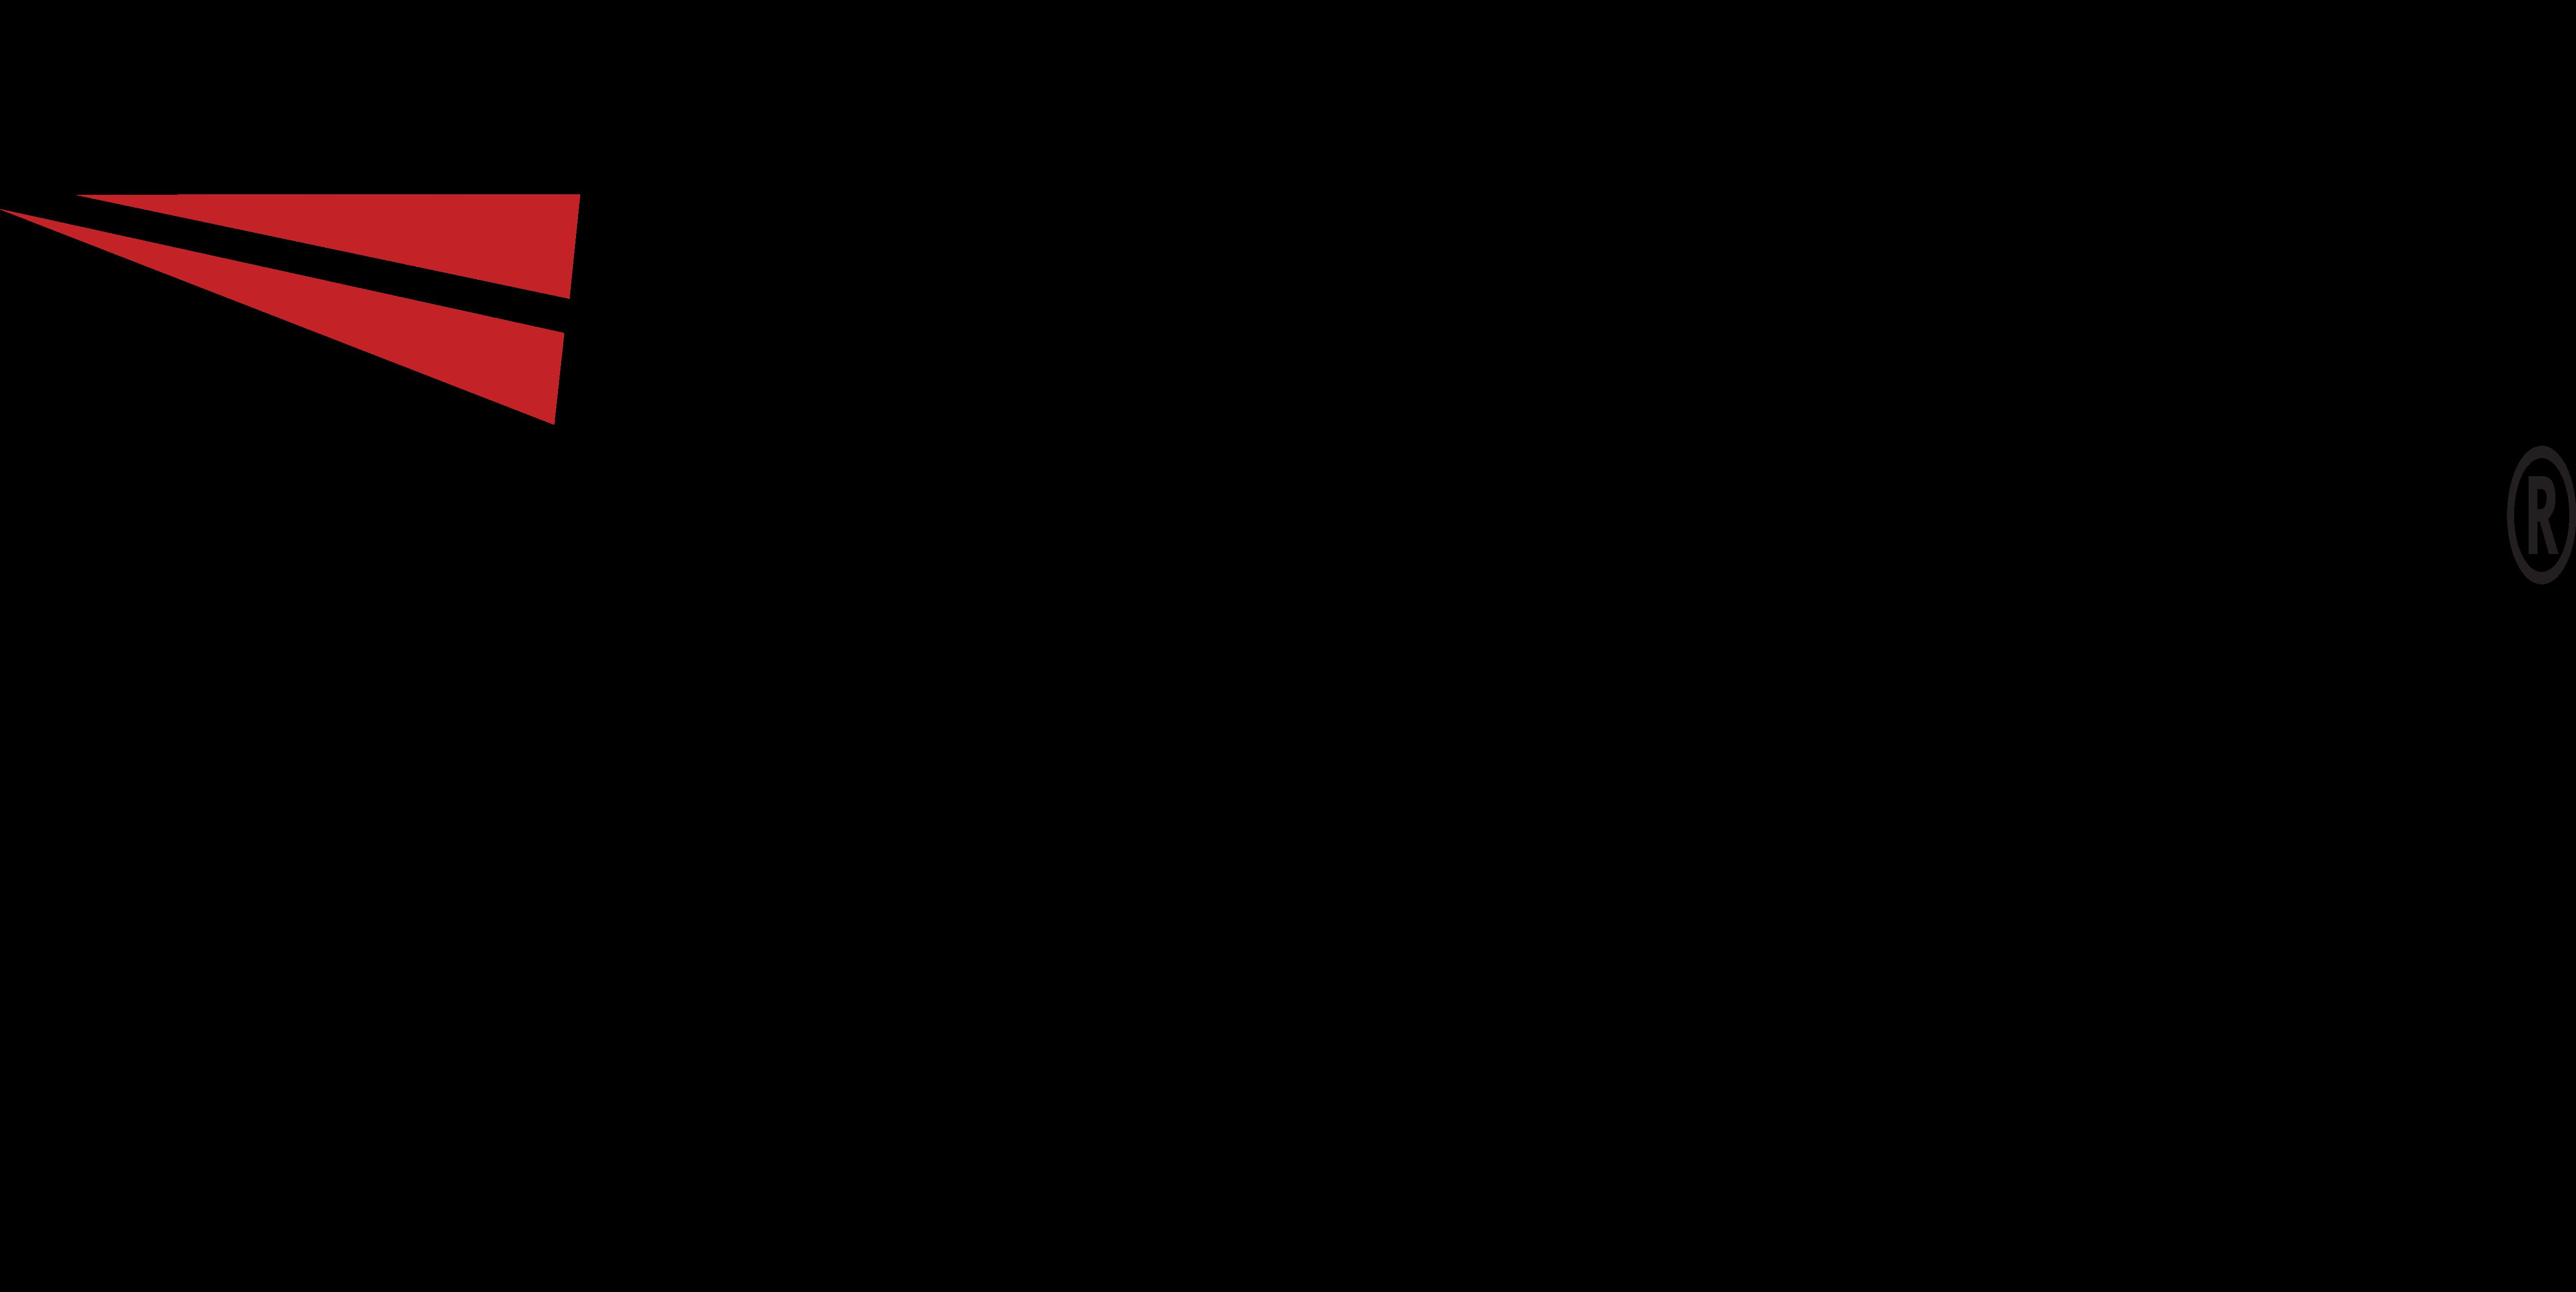 InMotion Hosting – Logos Download